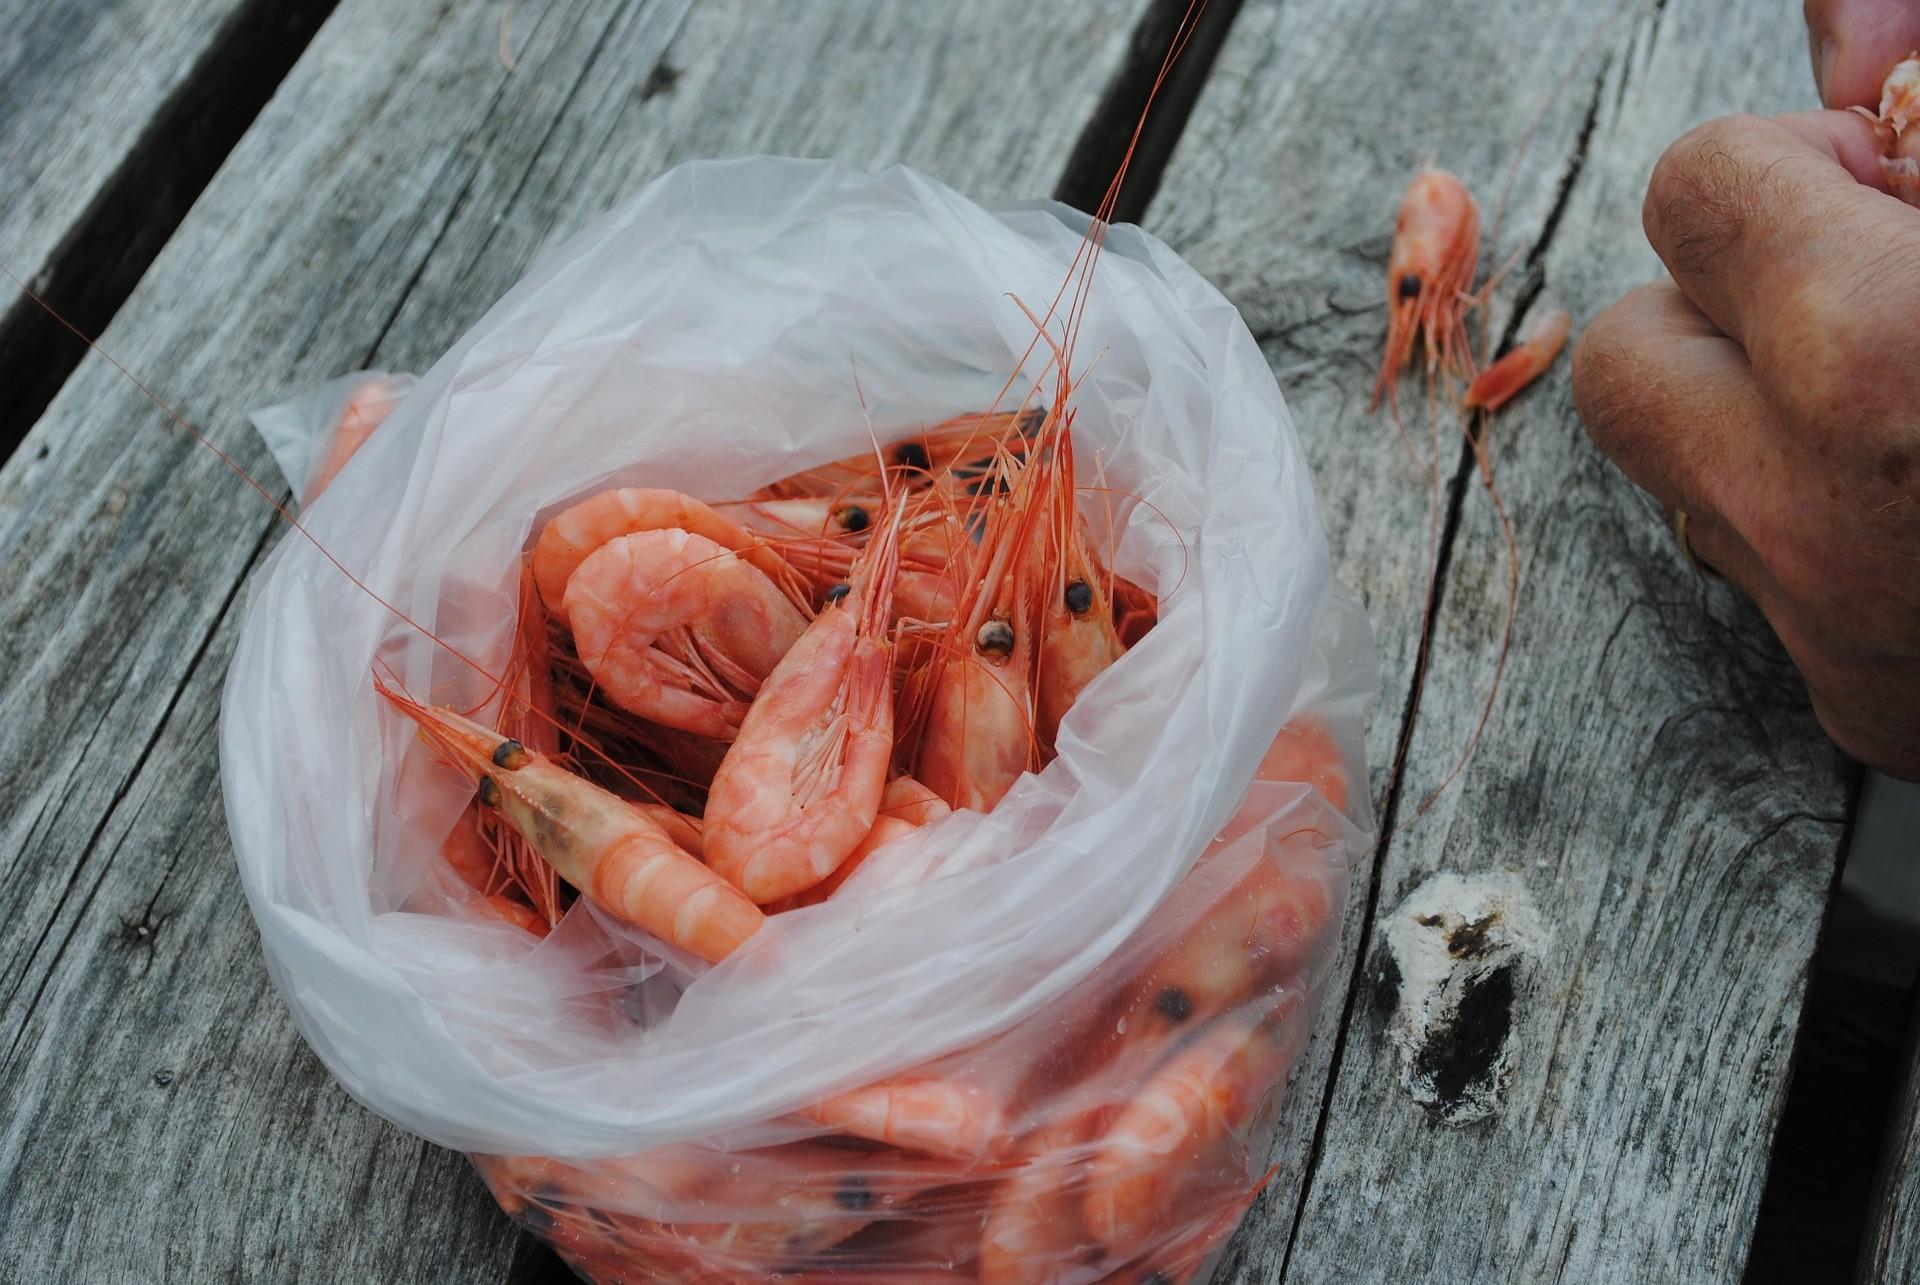 shrimp-598229_1920